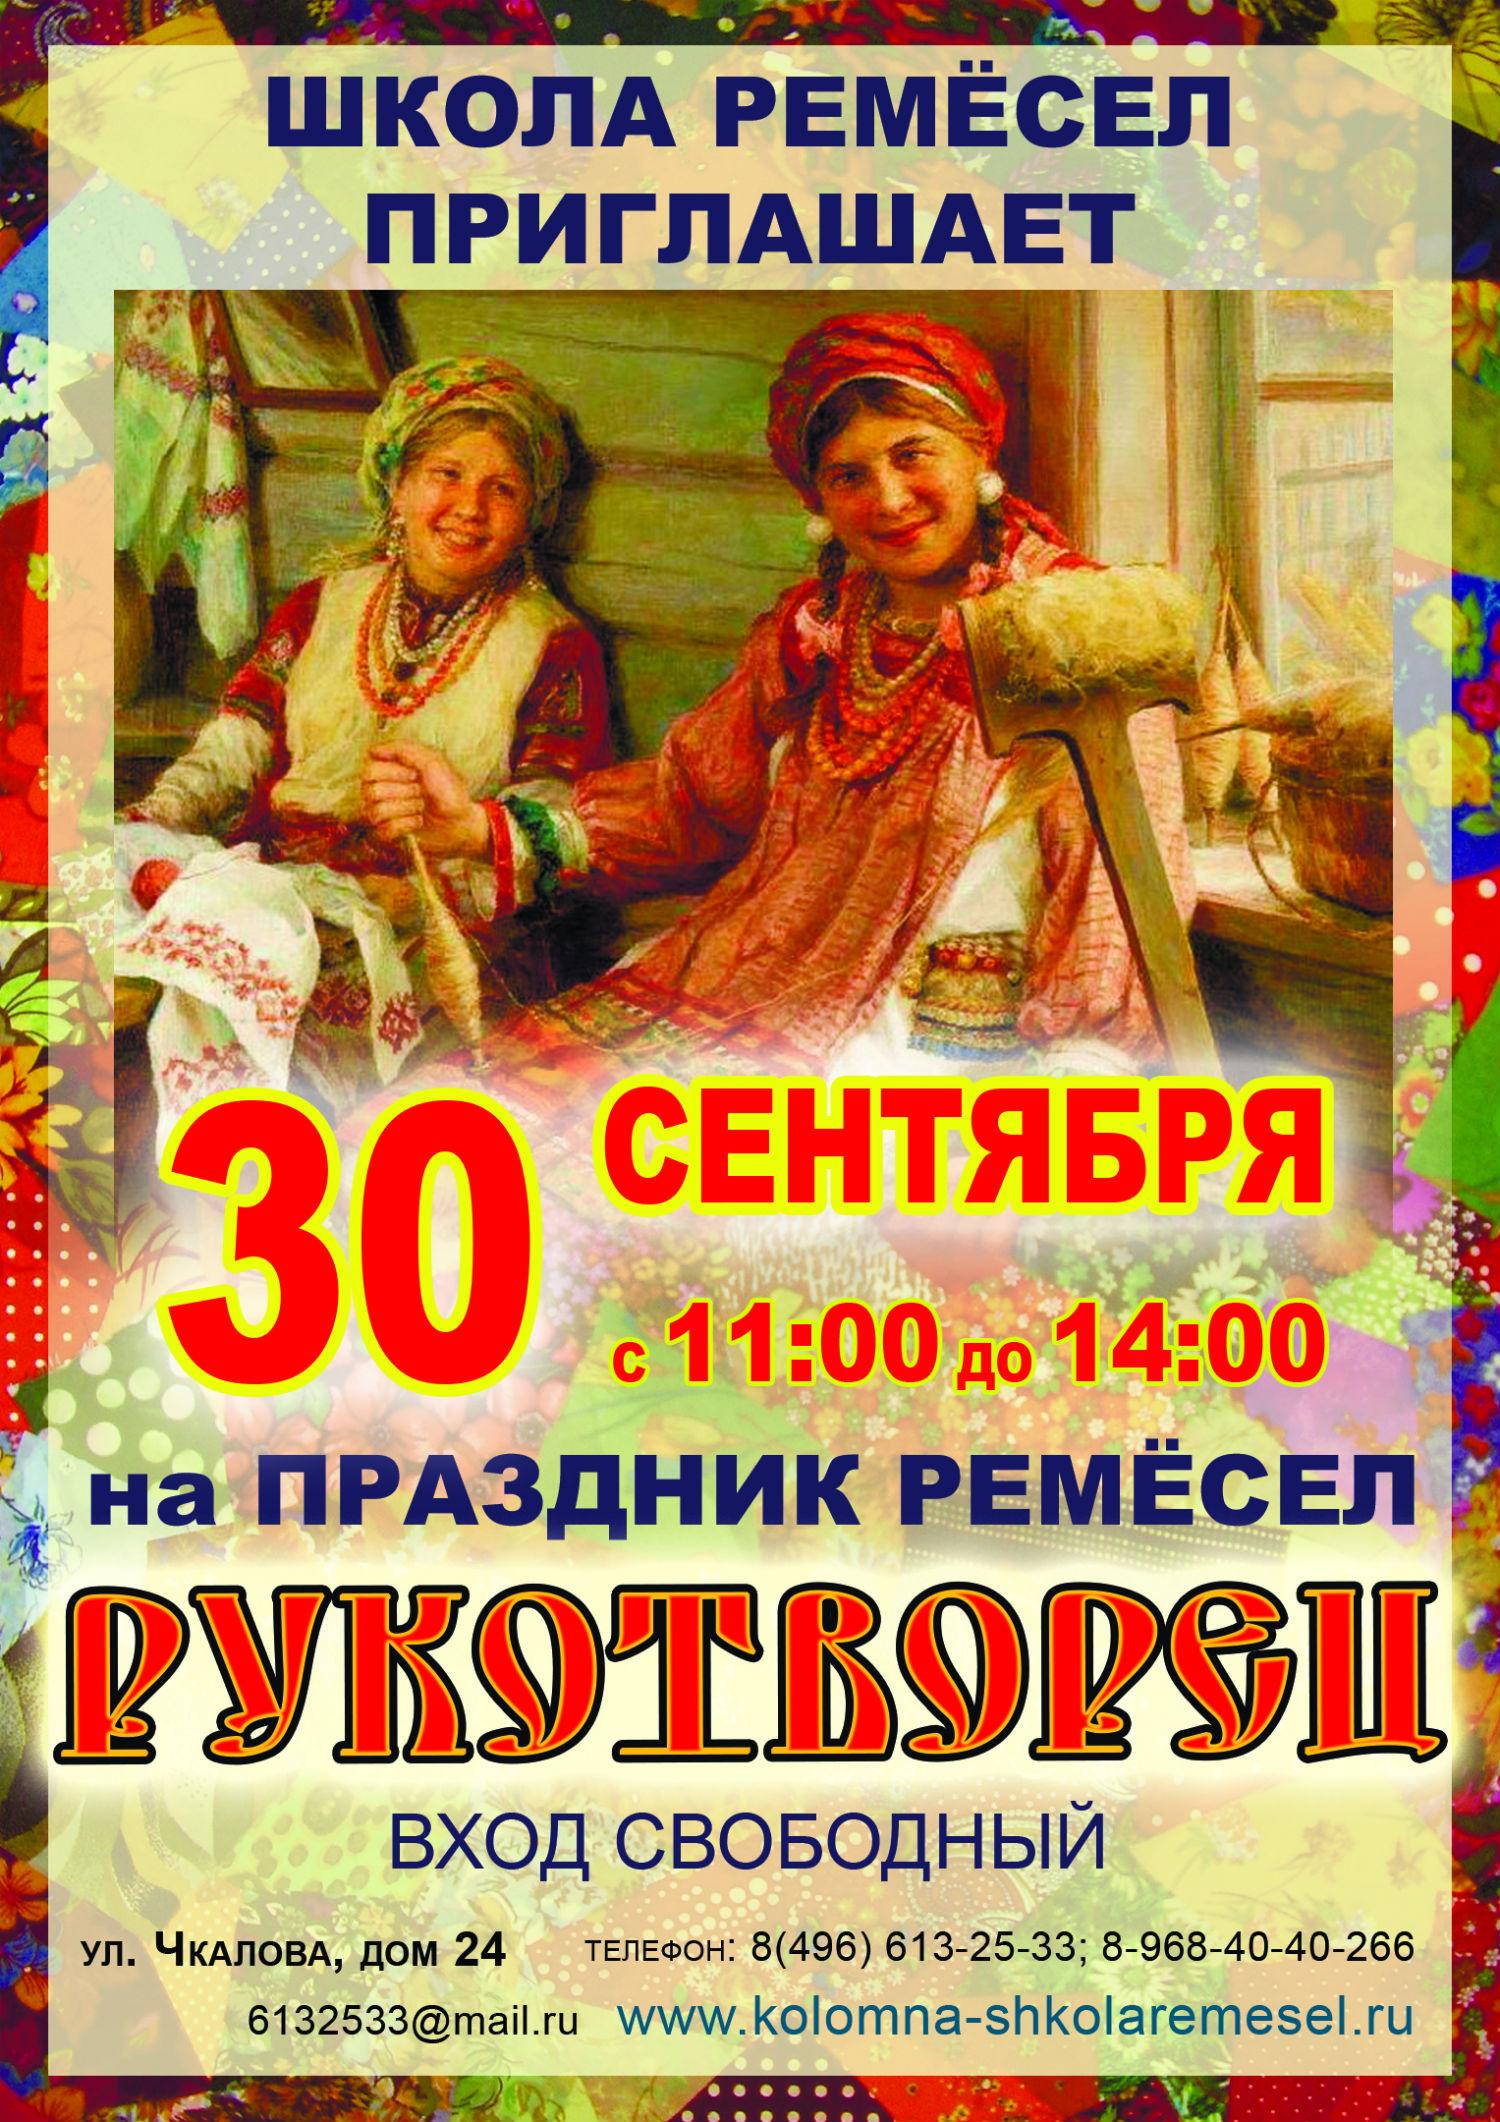 30 сентября в Коломне будет проходить праздник ремесел «Рукотворец–2018»